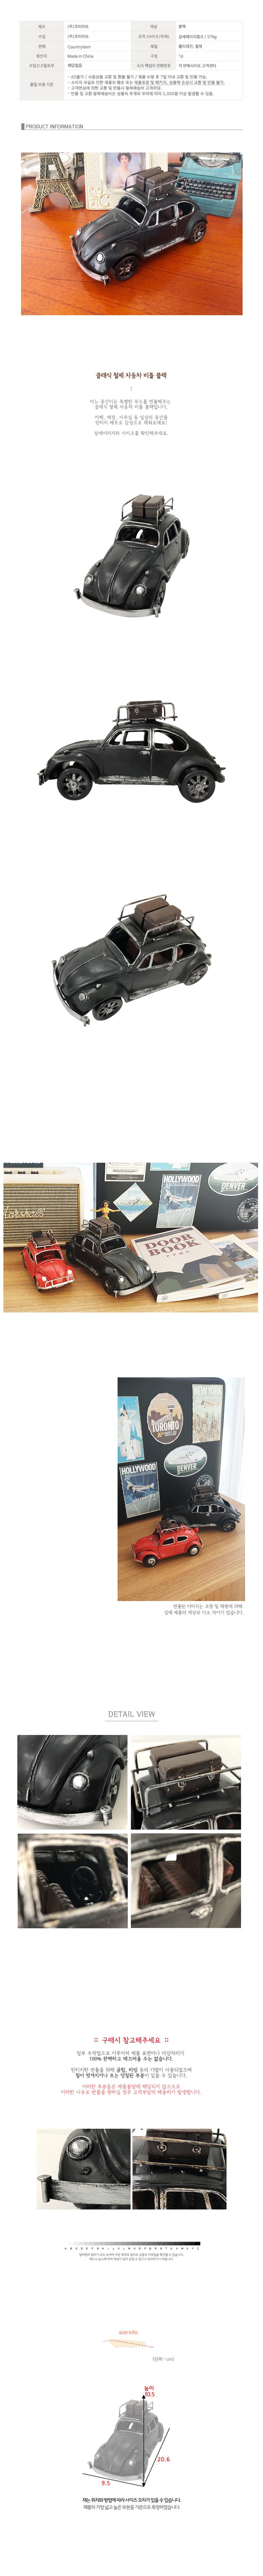 클래식 철제 자동차 비틀 - 블랙 - 컨츄리아이템, 21,000원, 장식소품, 기타 소품